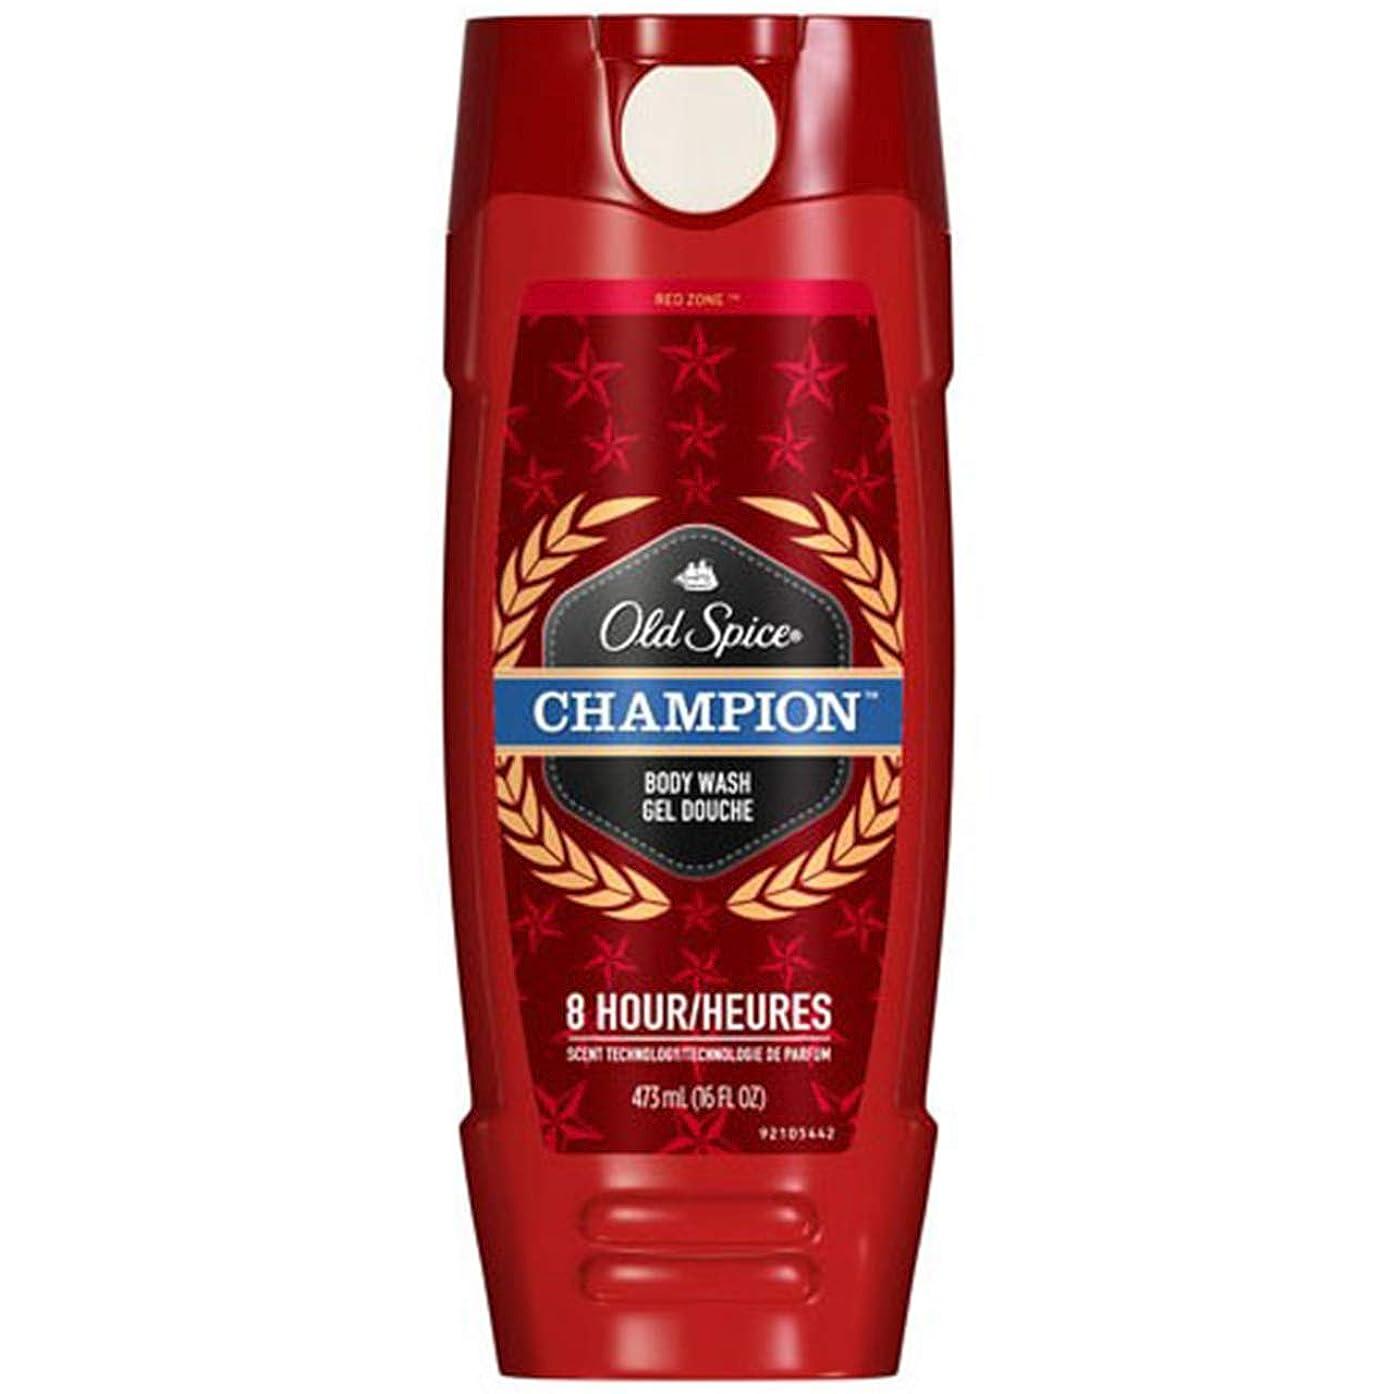 ビール歪める死すべきOld Spice オールドスパイス ボディーウォッシュジェル Red Zone Body Wash GEL 473ml 並行輸入品 (CHAMPION/チャンピオン) [並行輸入品]